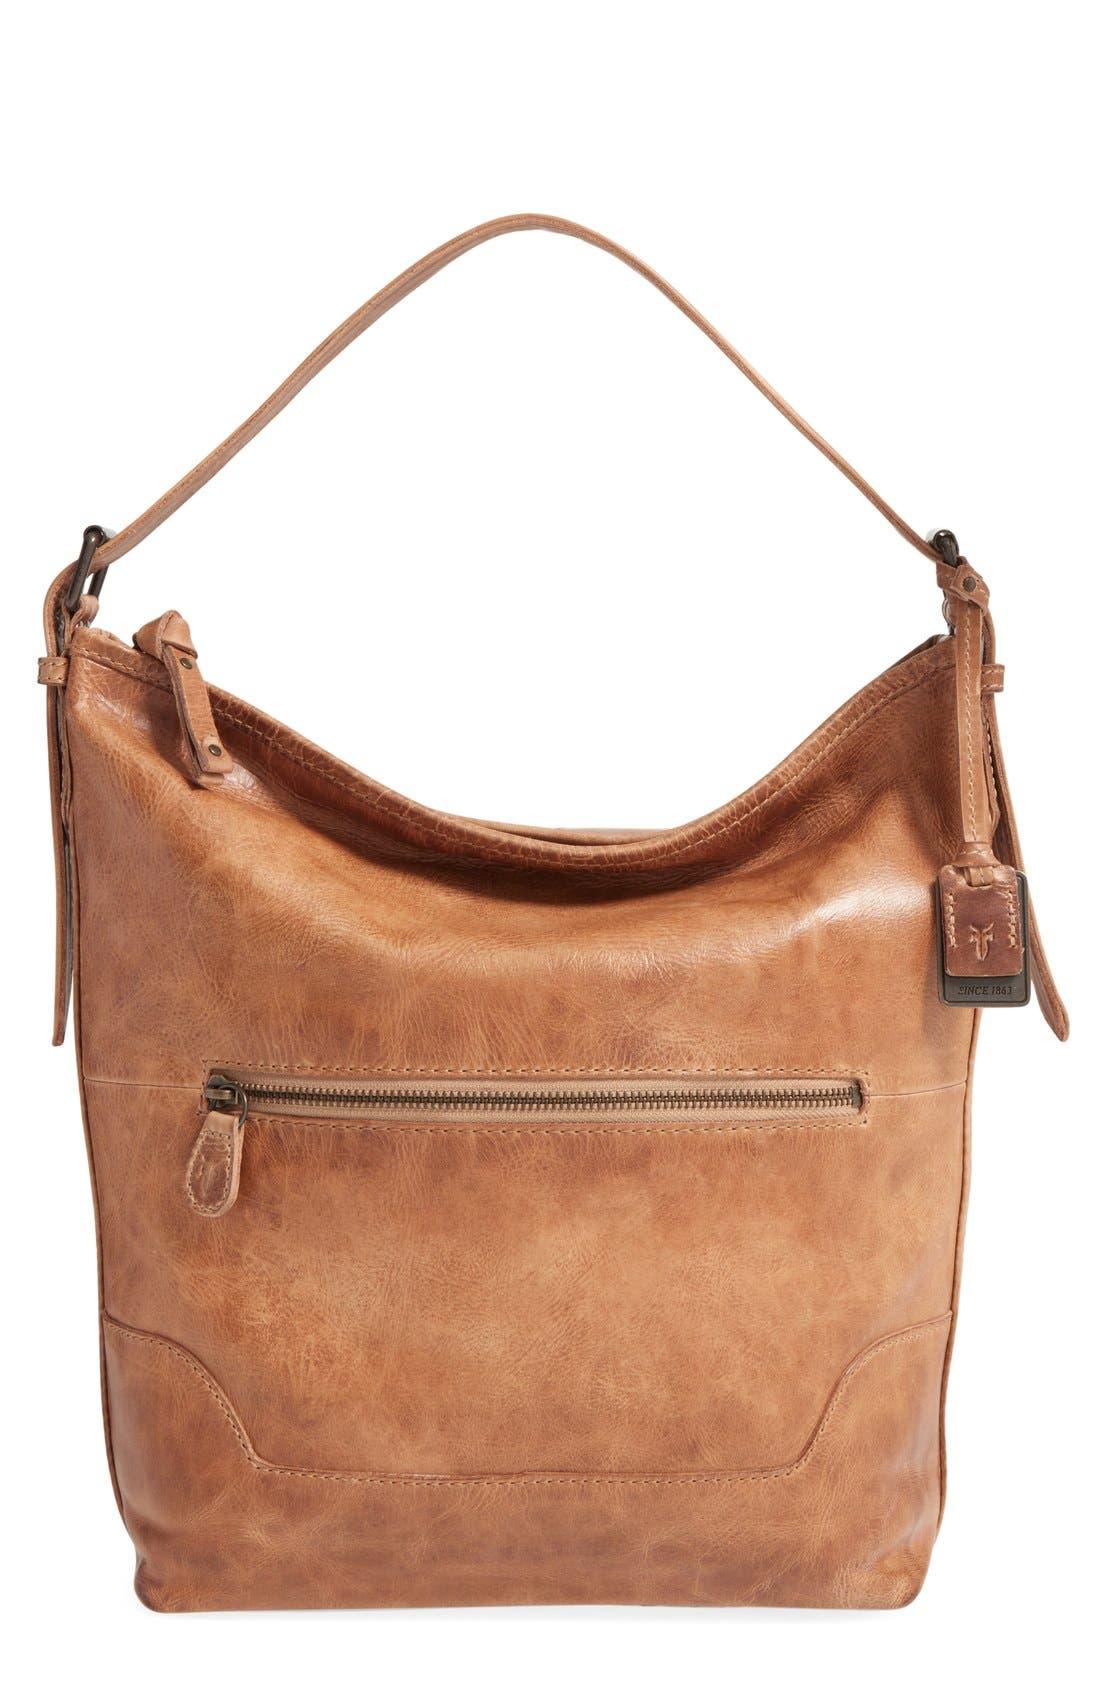 Main Image - Frye 'Melissa' Washed Leather Bucket Bag